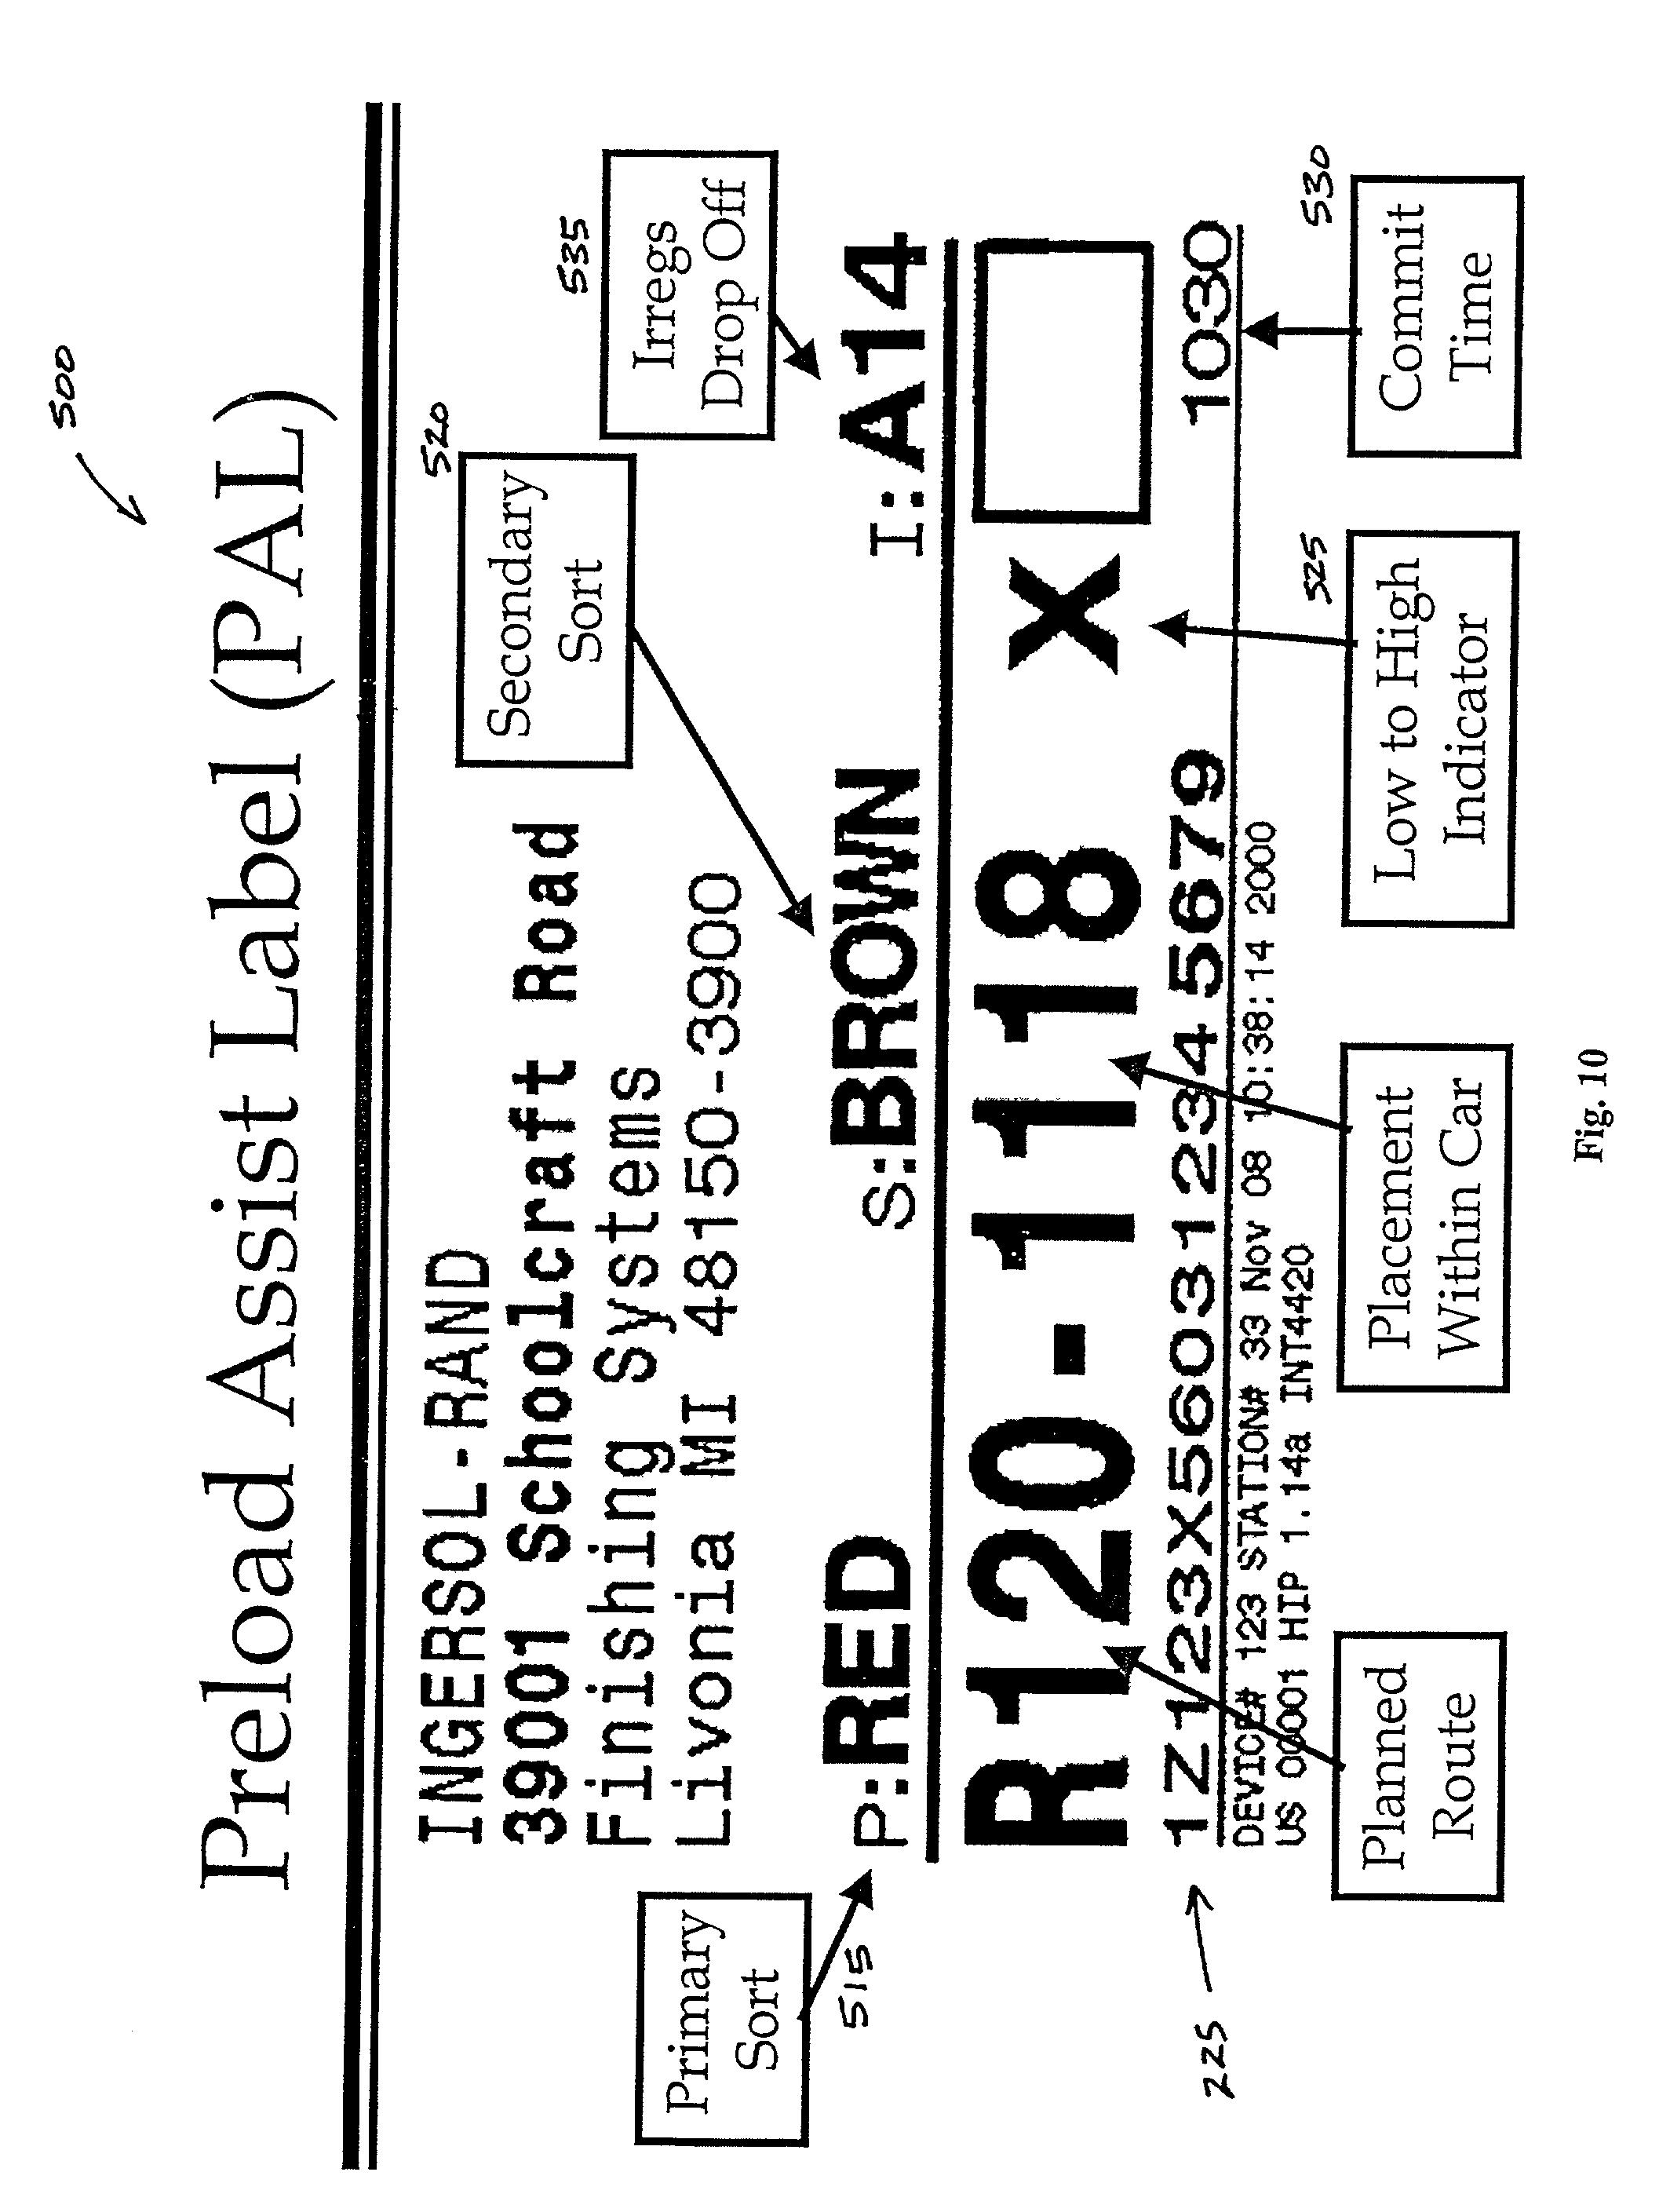 ups smart labels A ups smart label é uma etiqueta de envio gerada através de computador que pode ser criada utilizando o seu computador pessoal.